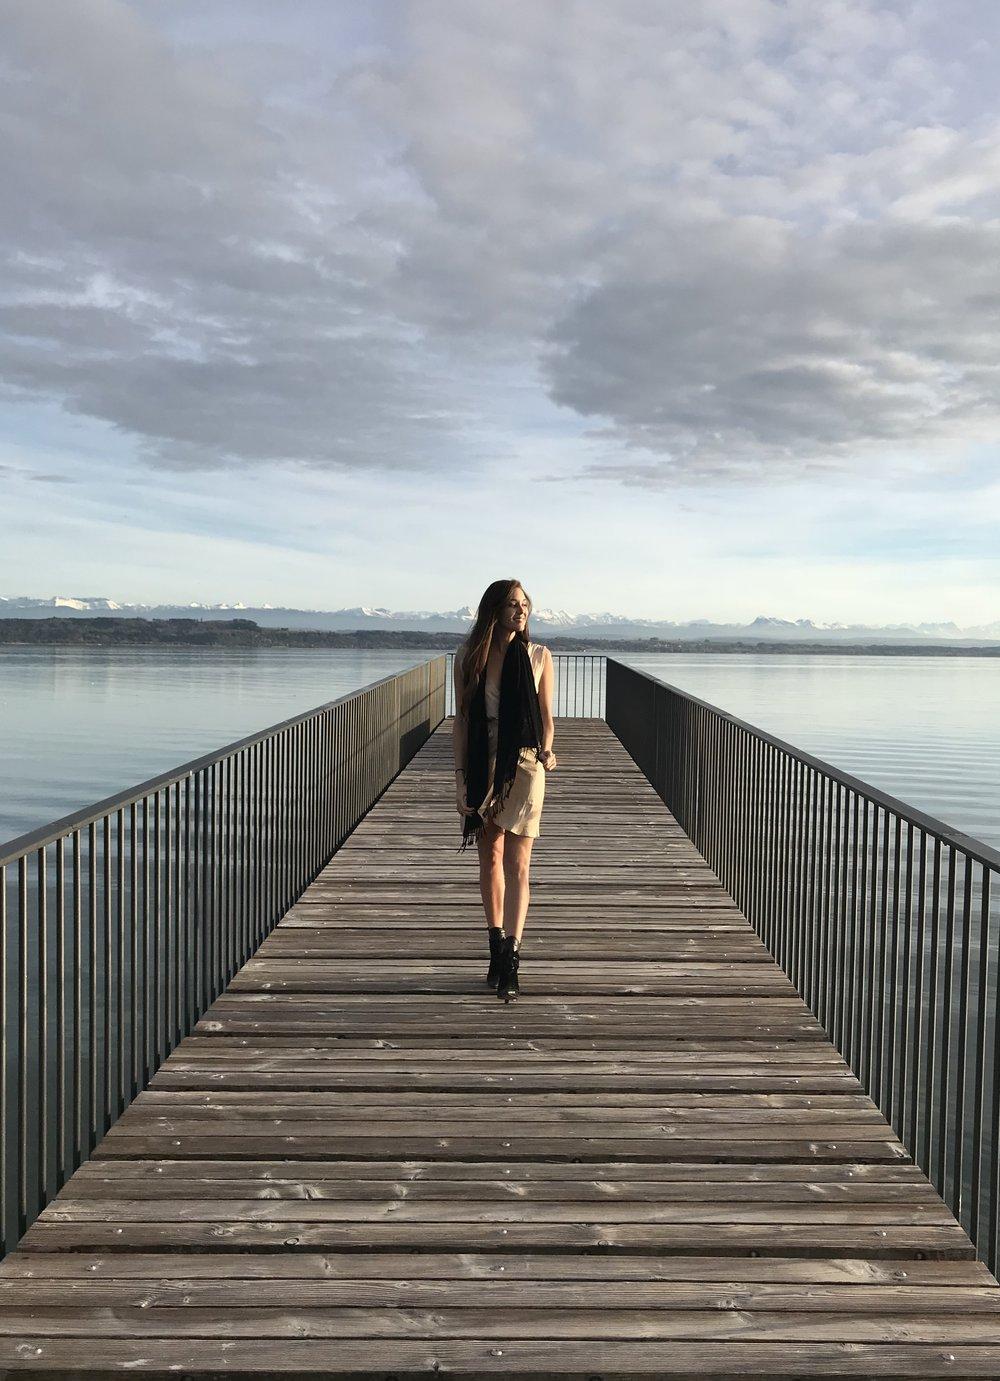 Port de Neuchâtel, Switzerland